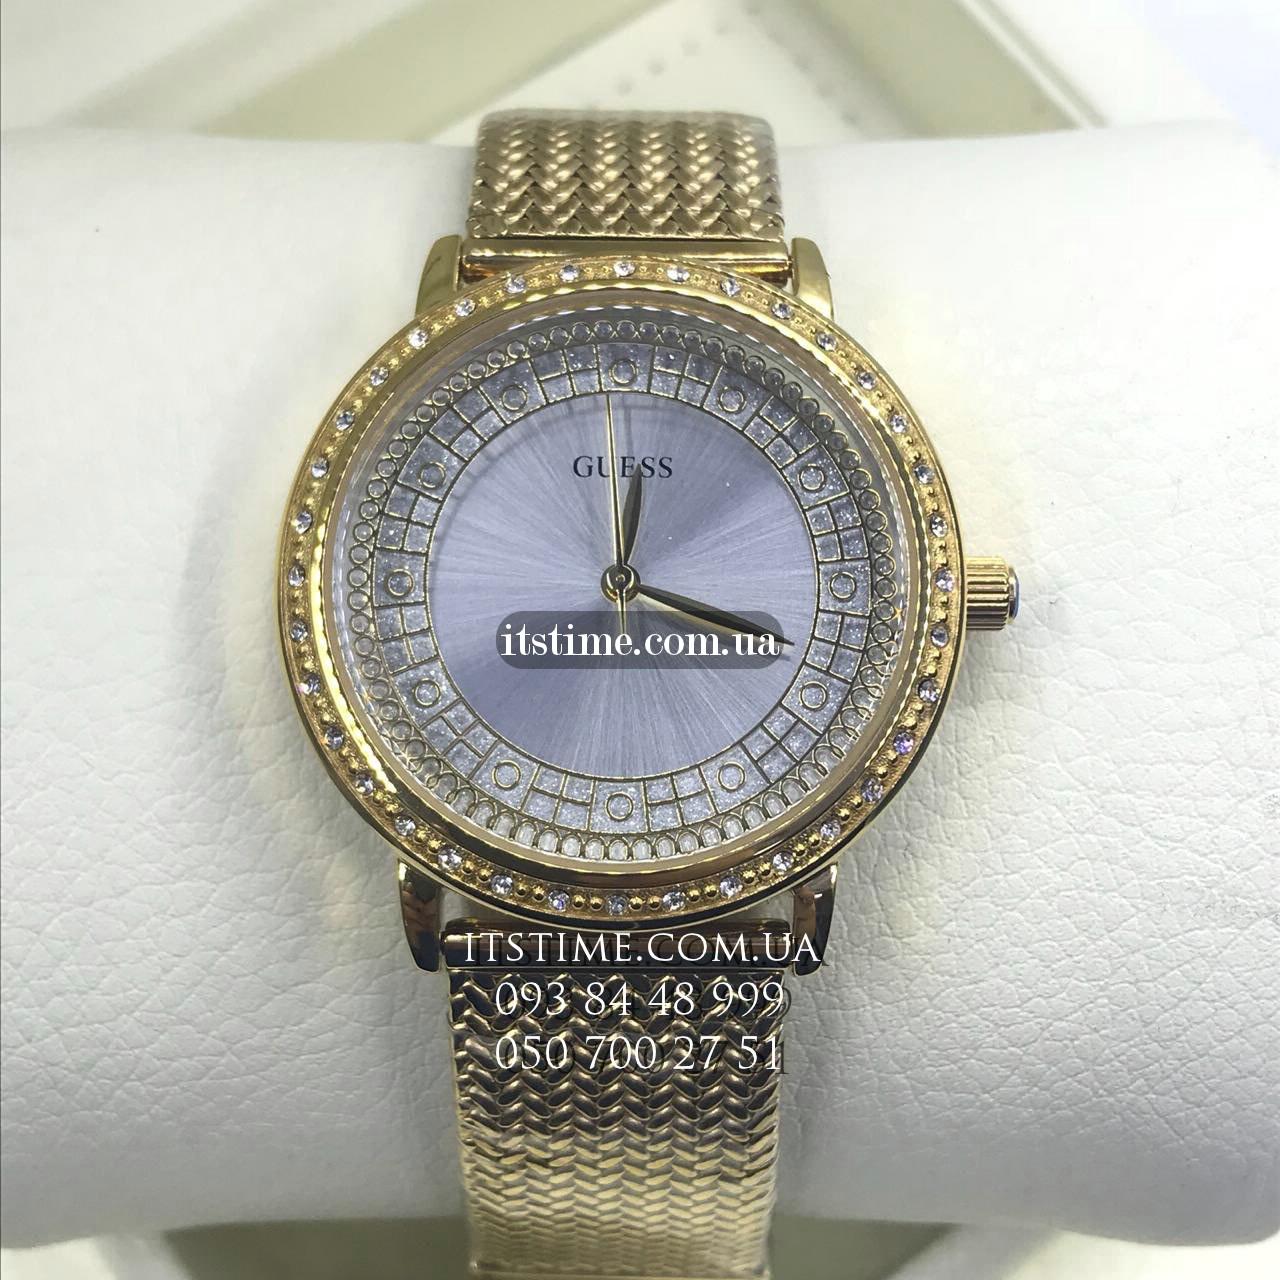 8cfde408 Guess часы :: Купить копии часов Guess watches в Интернет-магазине ...